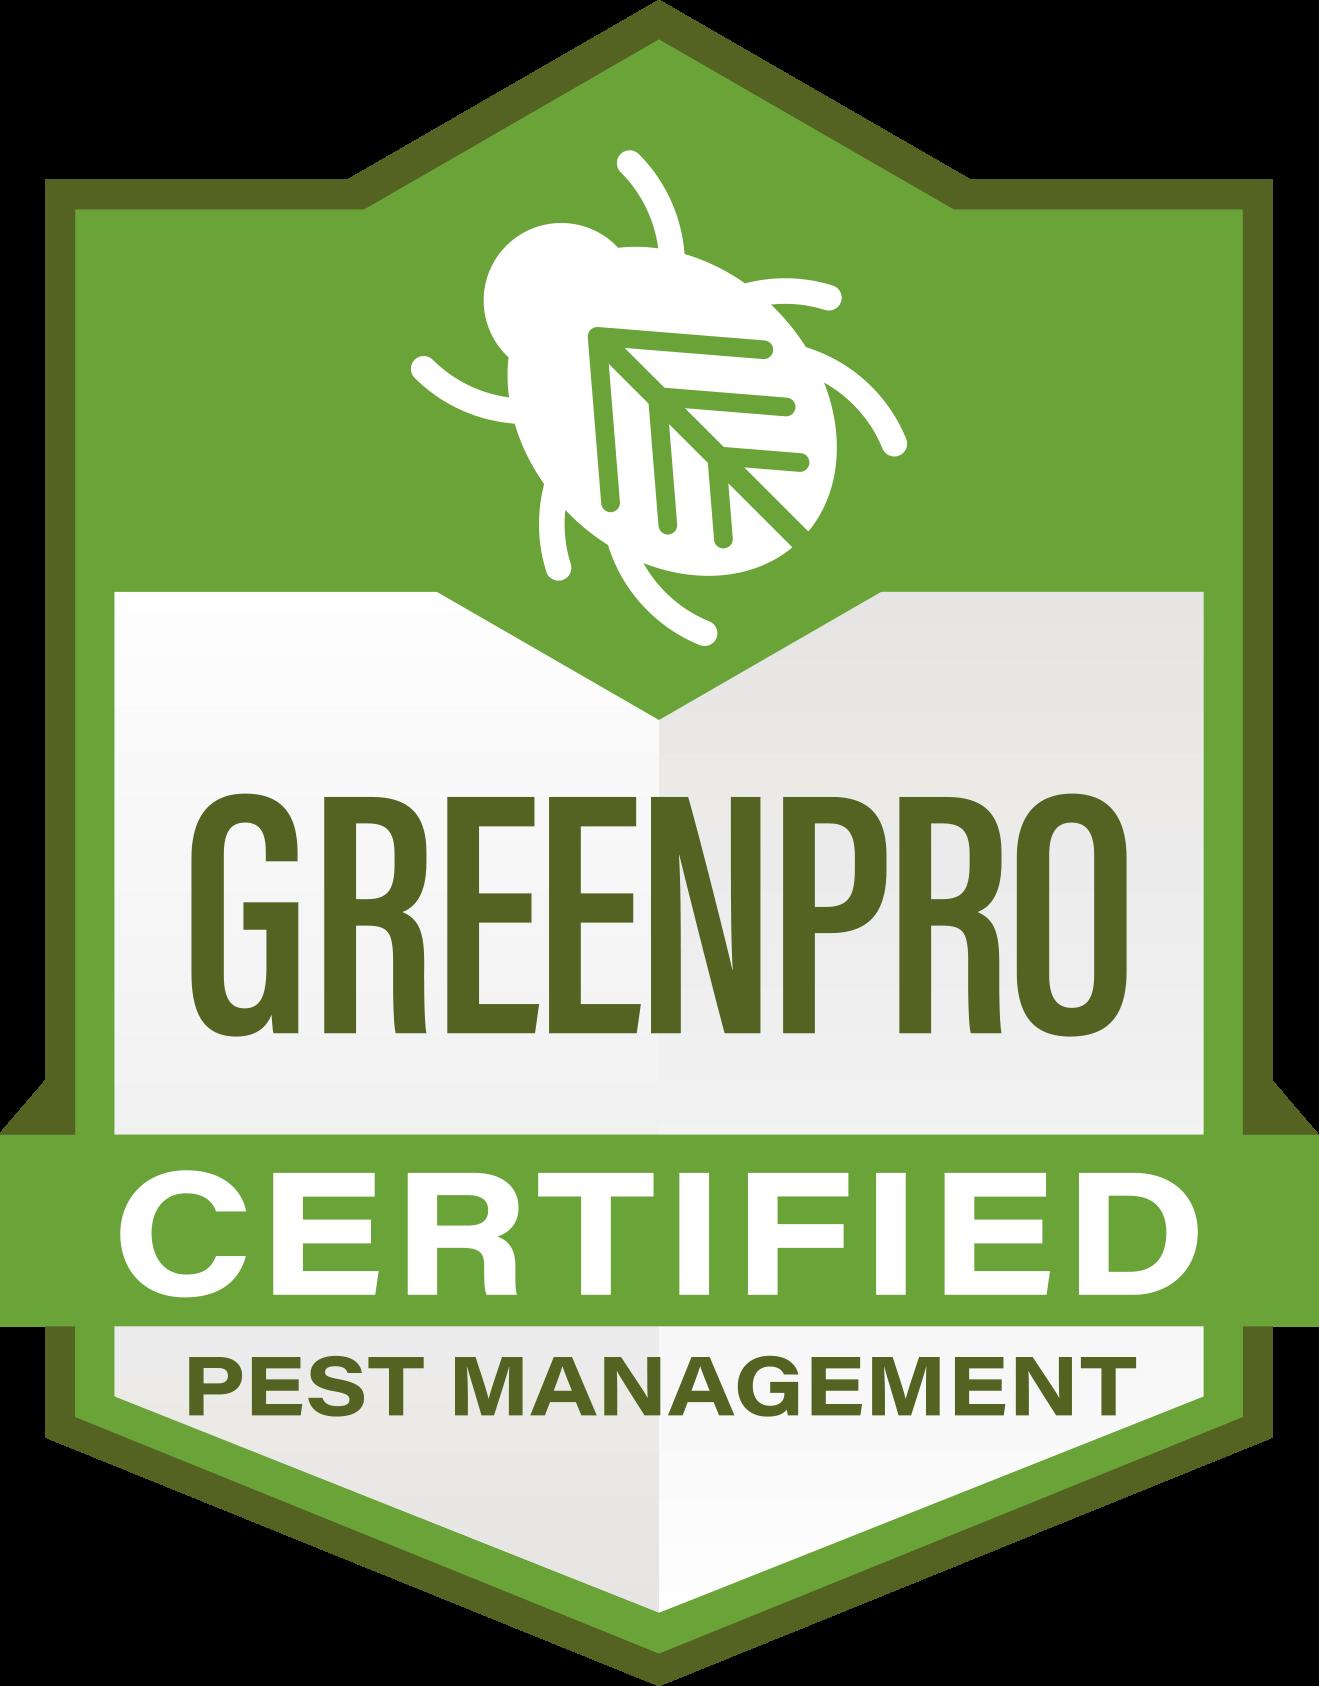 Greenpro Certified